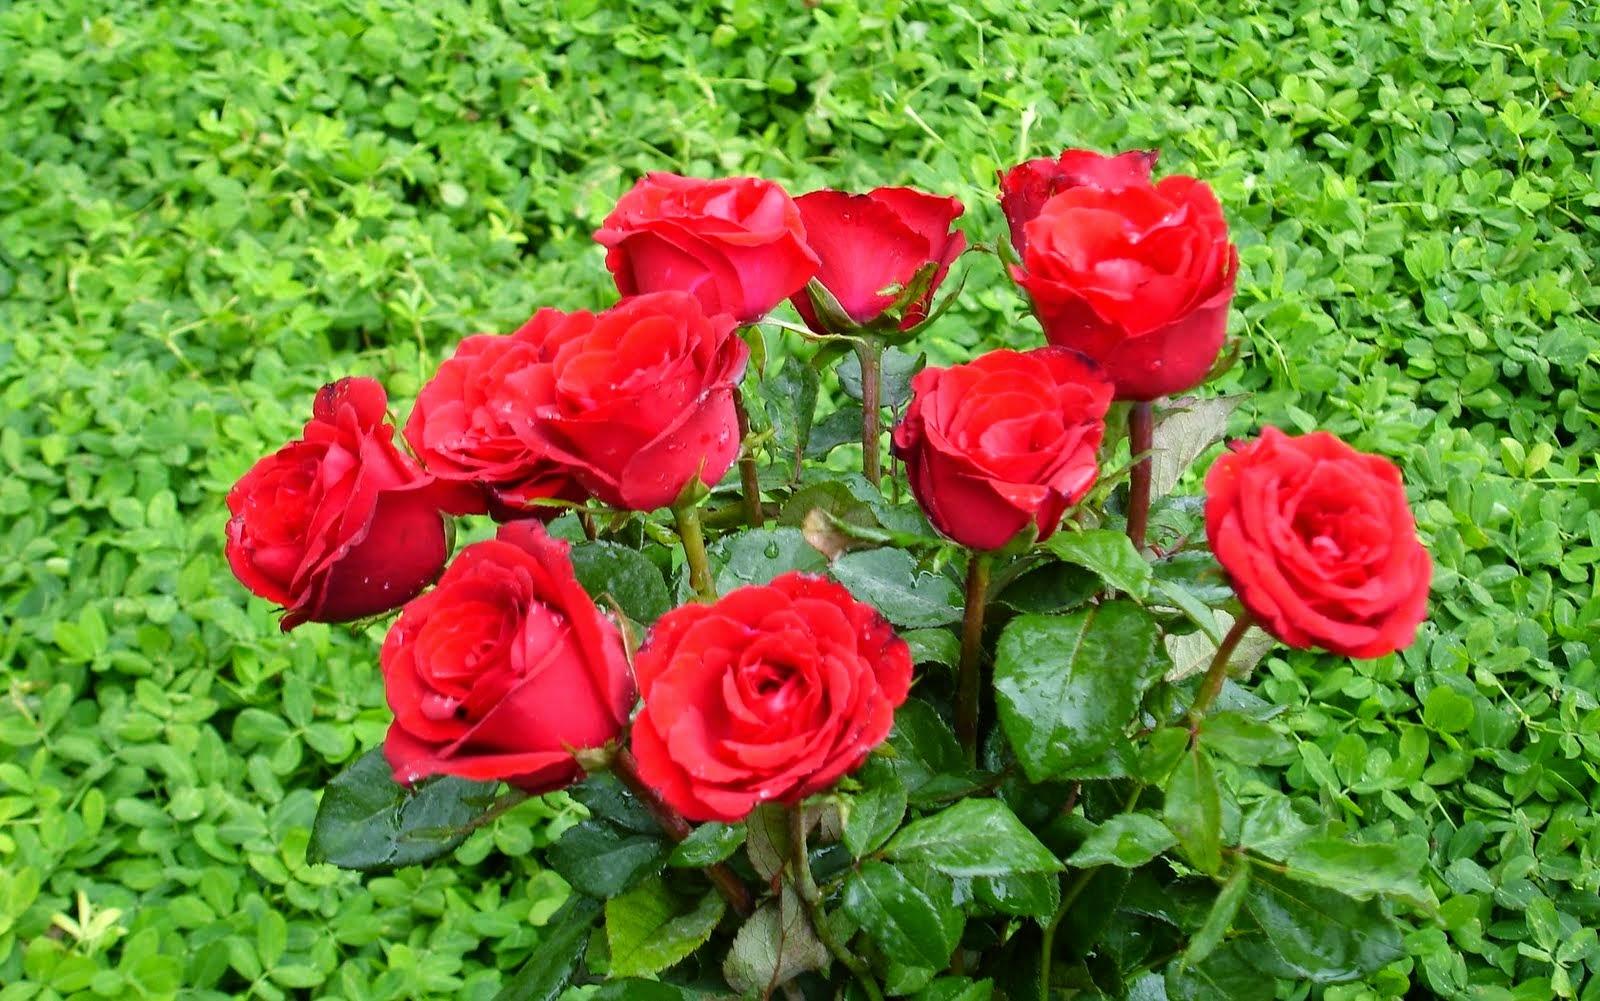 20 Gambar Foto Bunga Mawar Merah Sealkazz Blog